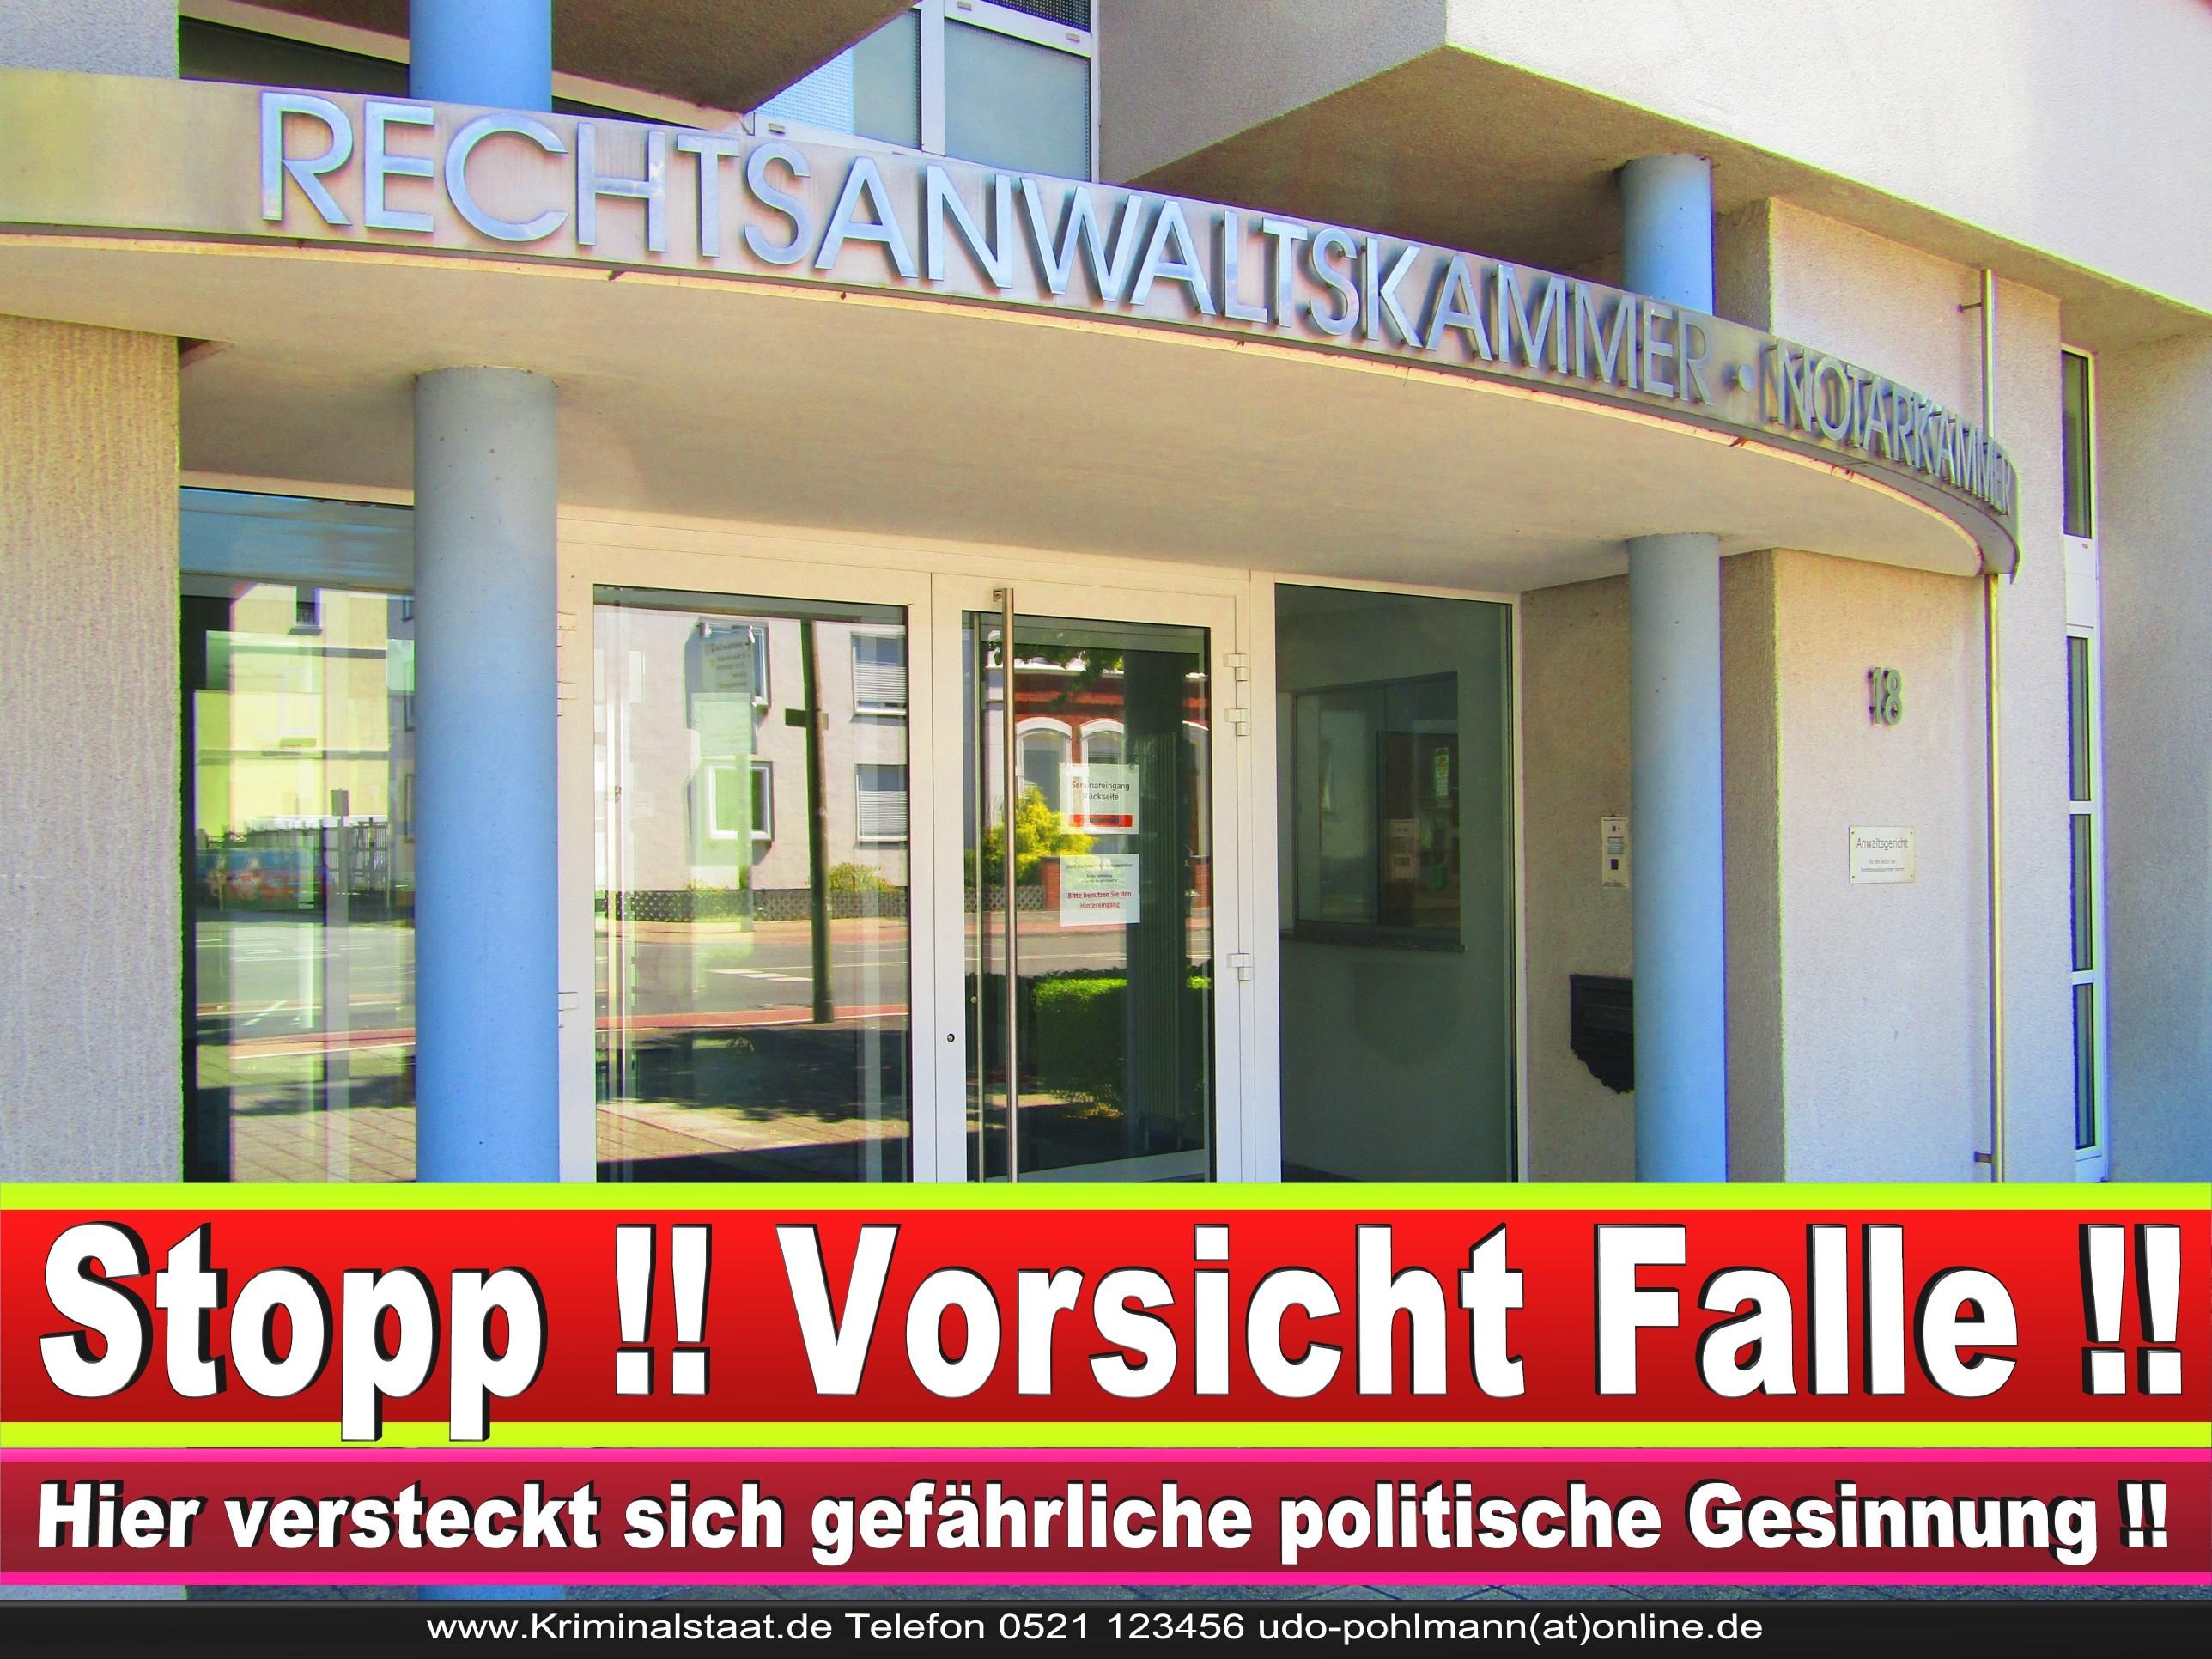 Rechtsanwaltskammer Hamm NRW Justizminister Rechtsanwalt Notar Vermögensverfall Urteil Rechtsprechung CDU SPD FDP Berufsordnung Rechtsanwälte Rechtsprechung (6)